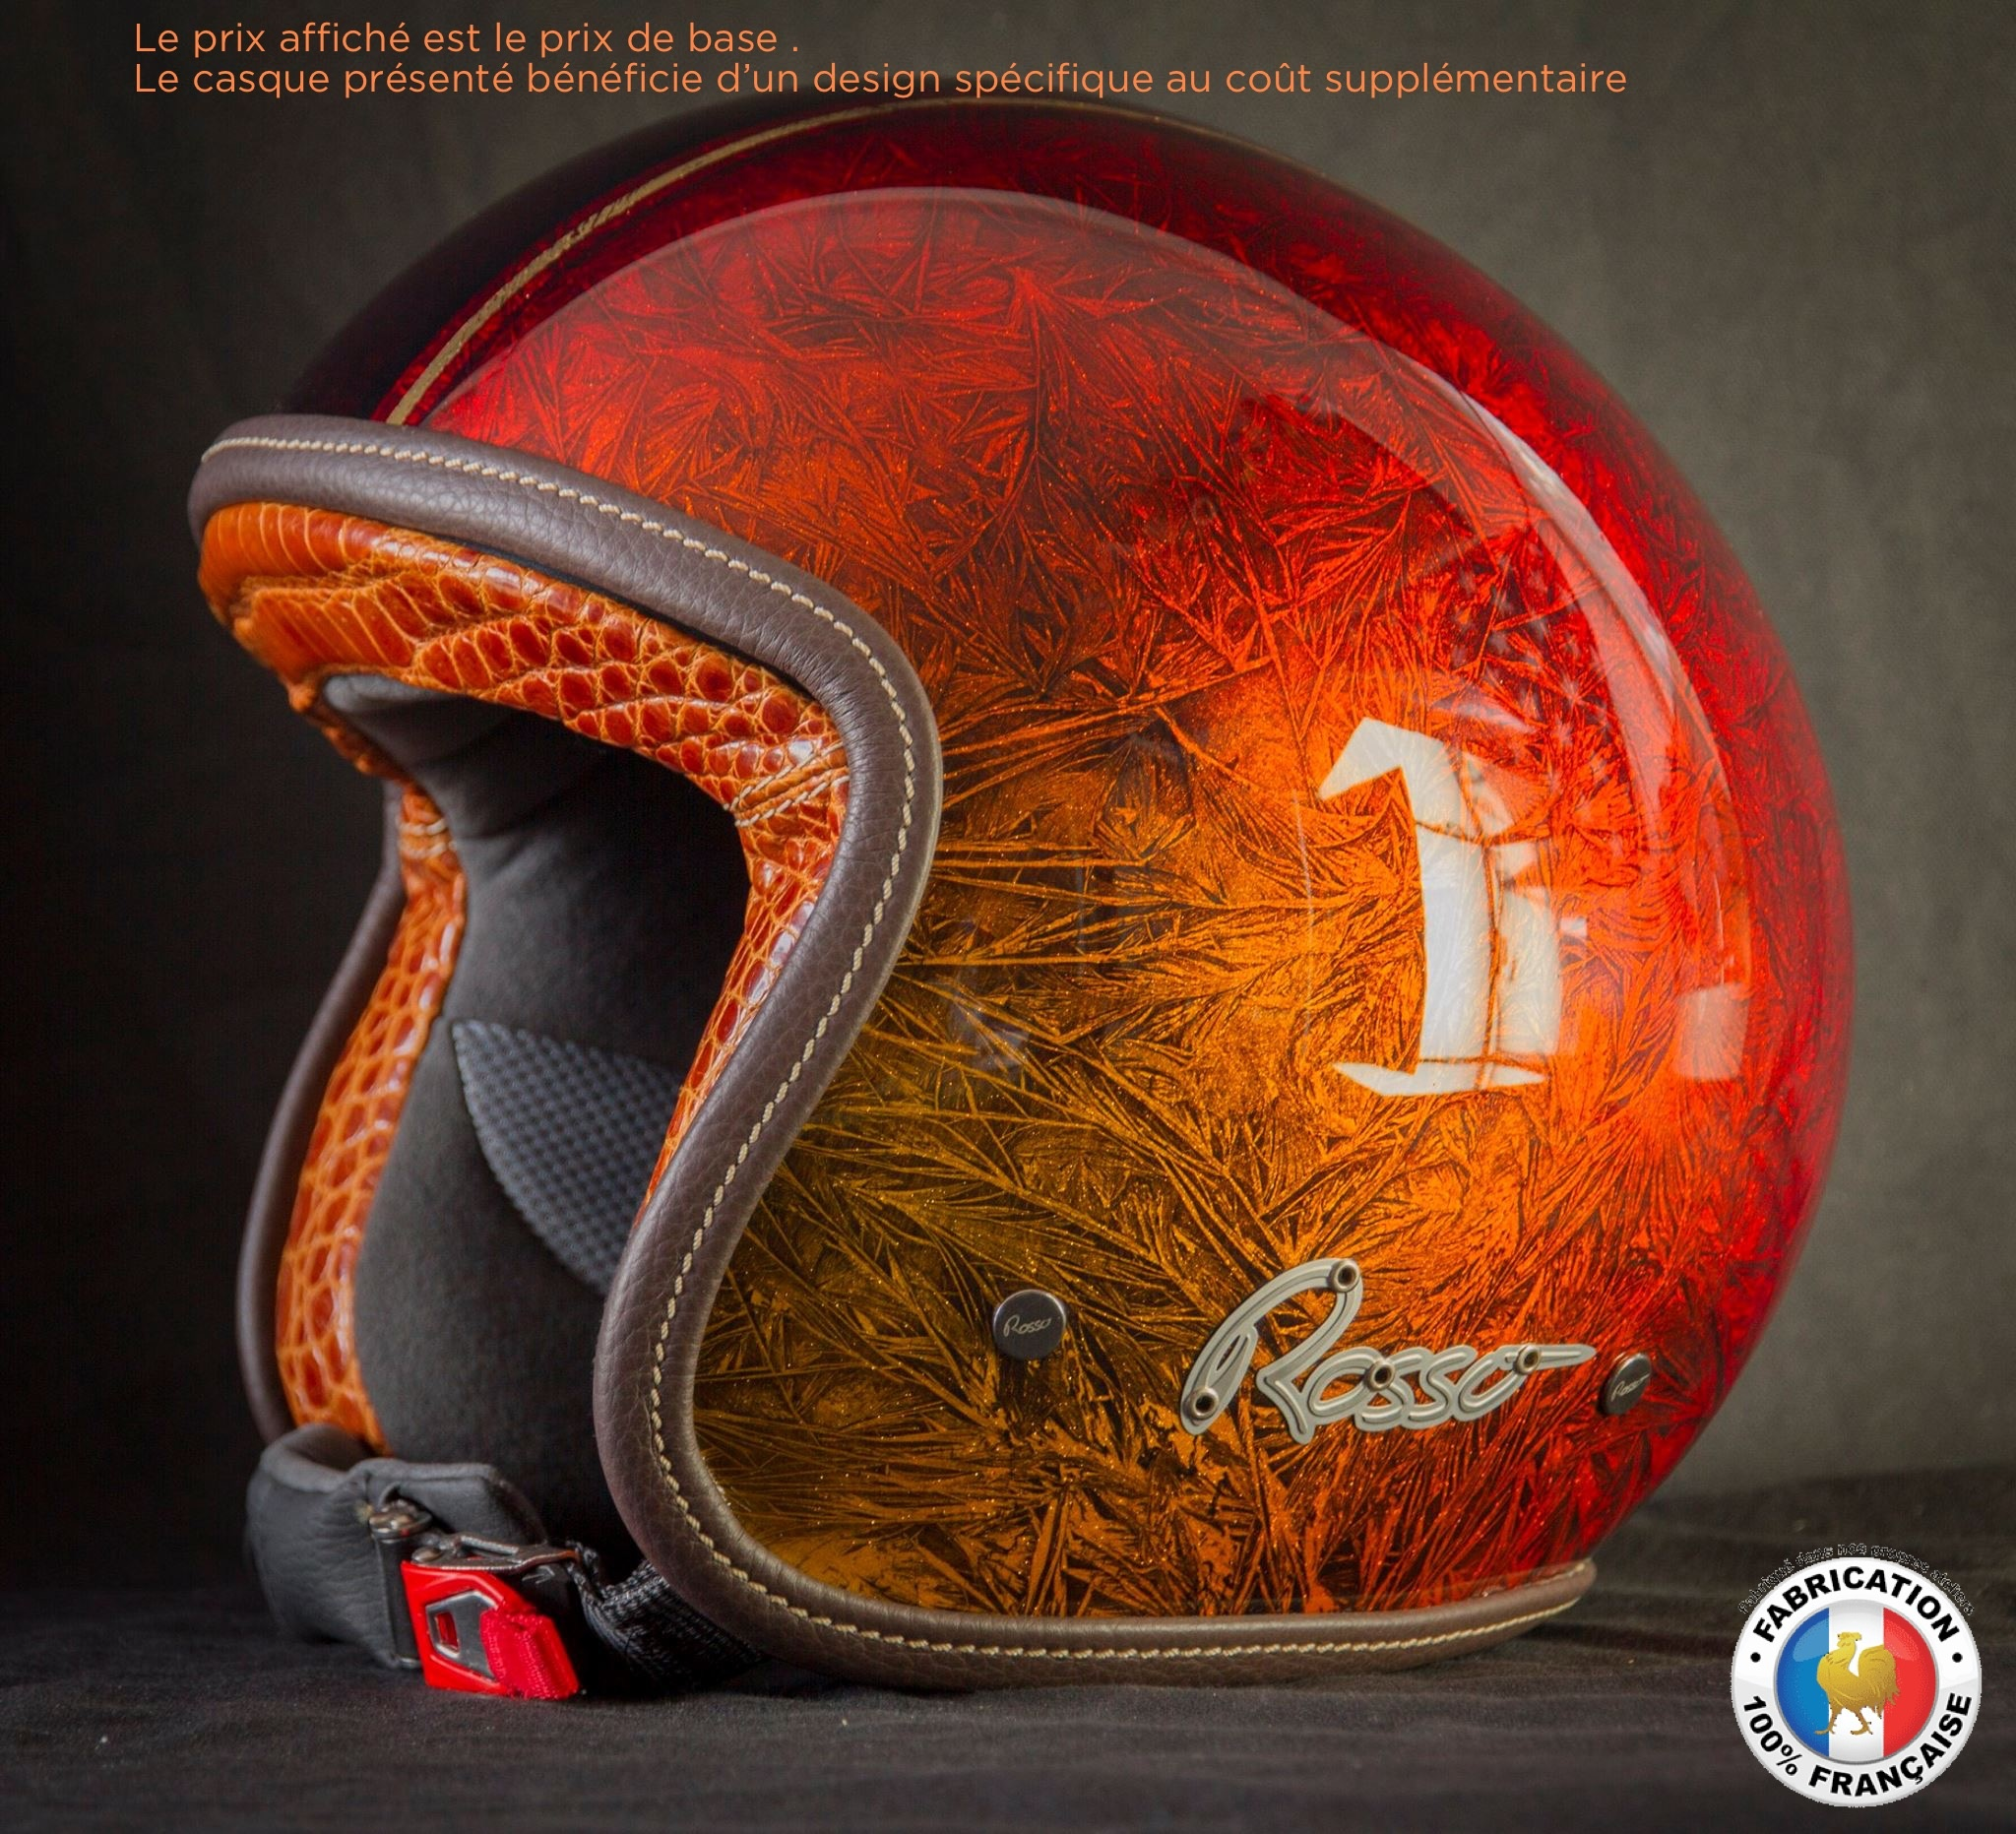 Casque Moto Jet Personnalisé Authentic Riders